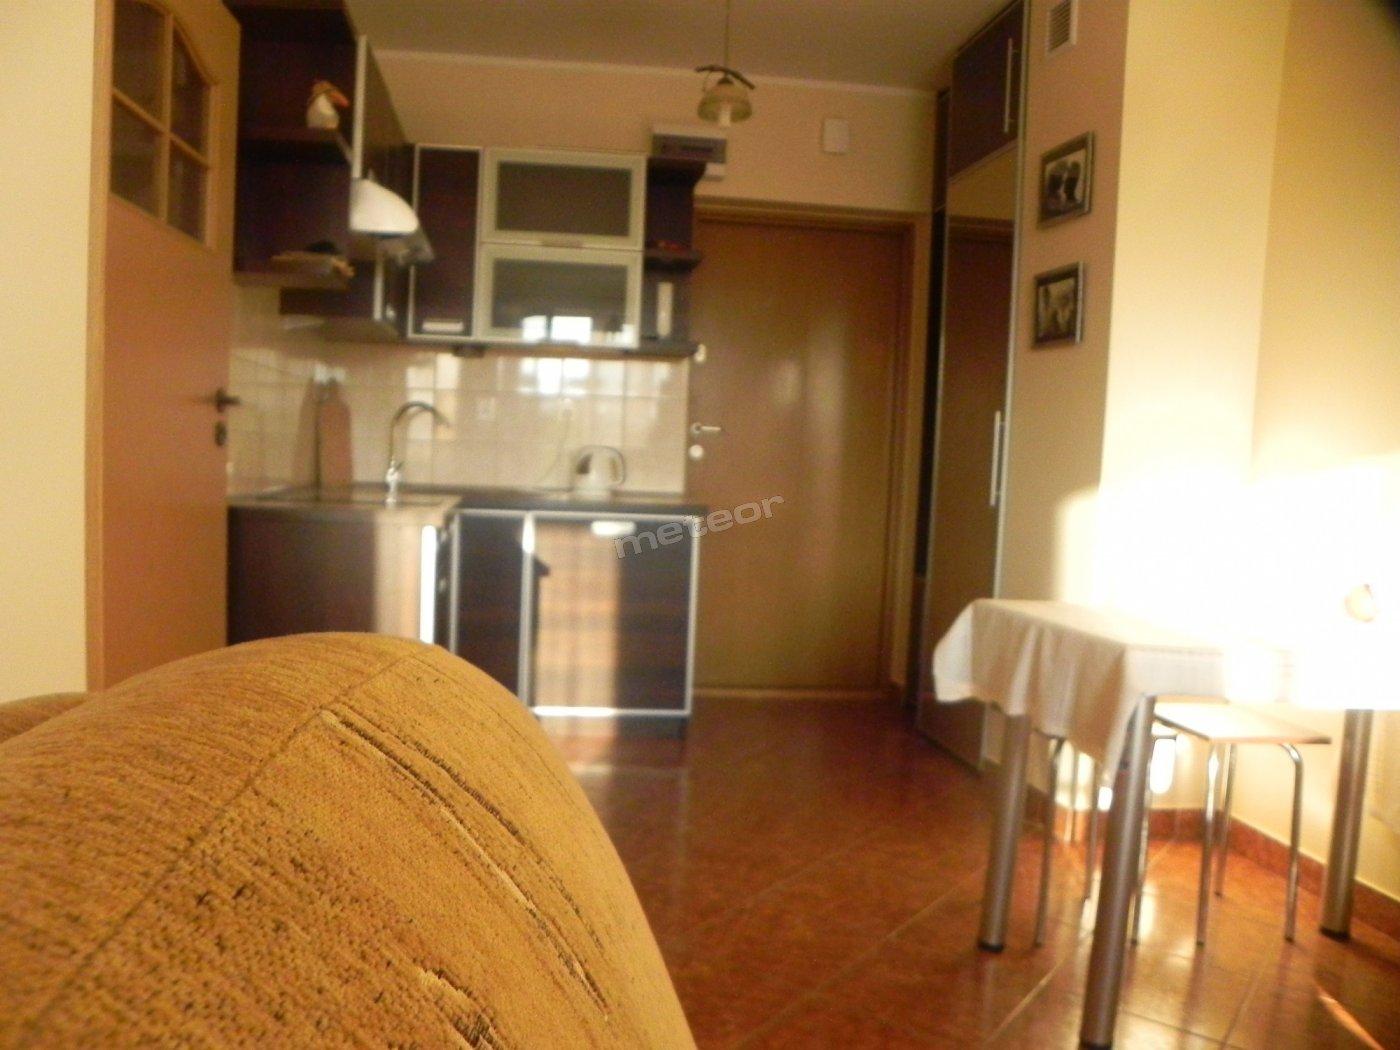 Apartament w Stegnie Gosia - obiekt wolny od 28.06 do 15.07